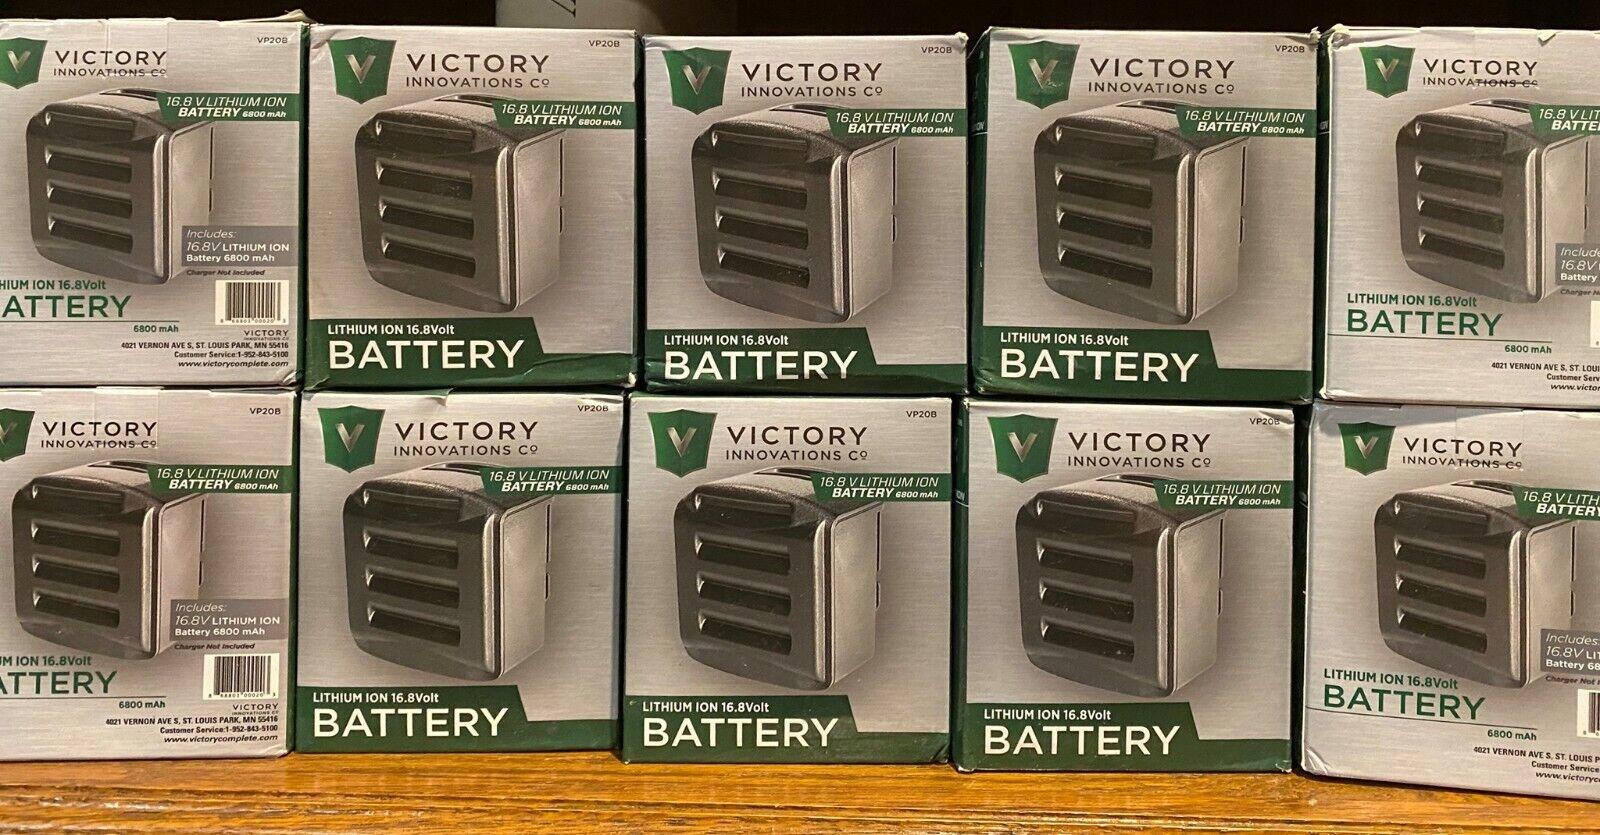 vp20b battery for handheld or backpack sprayer